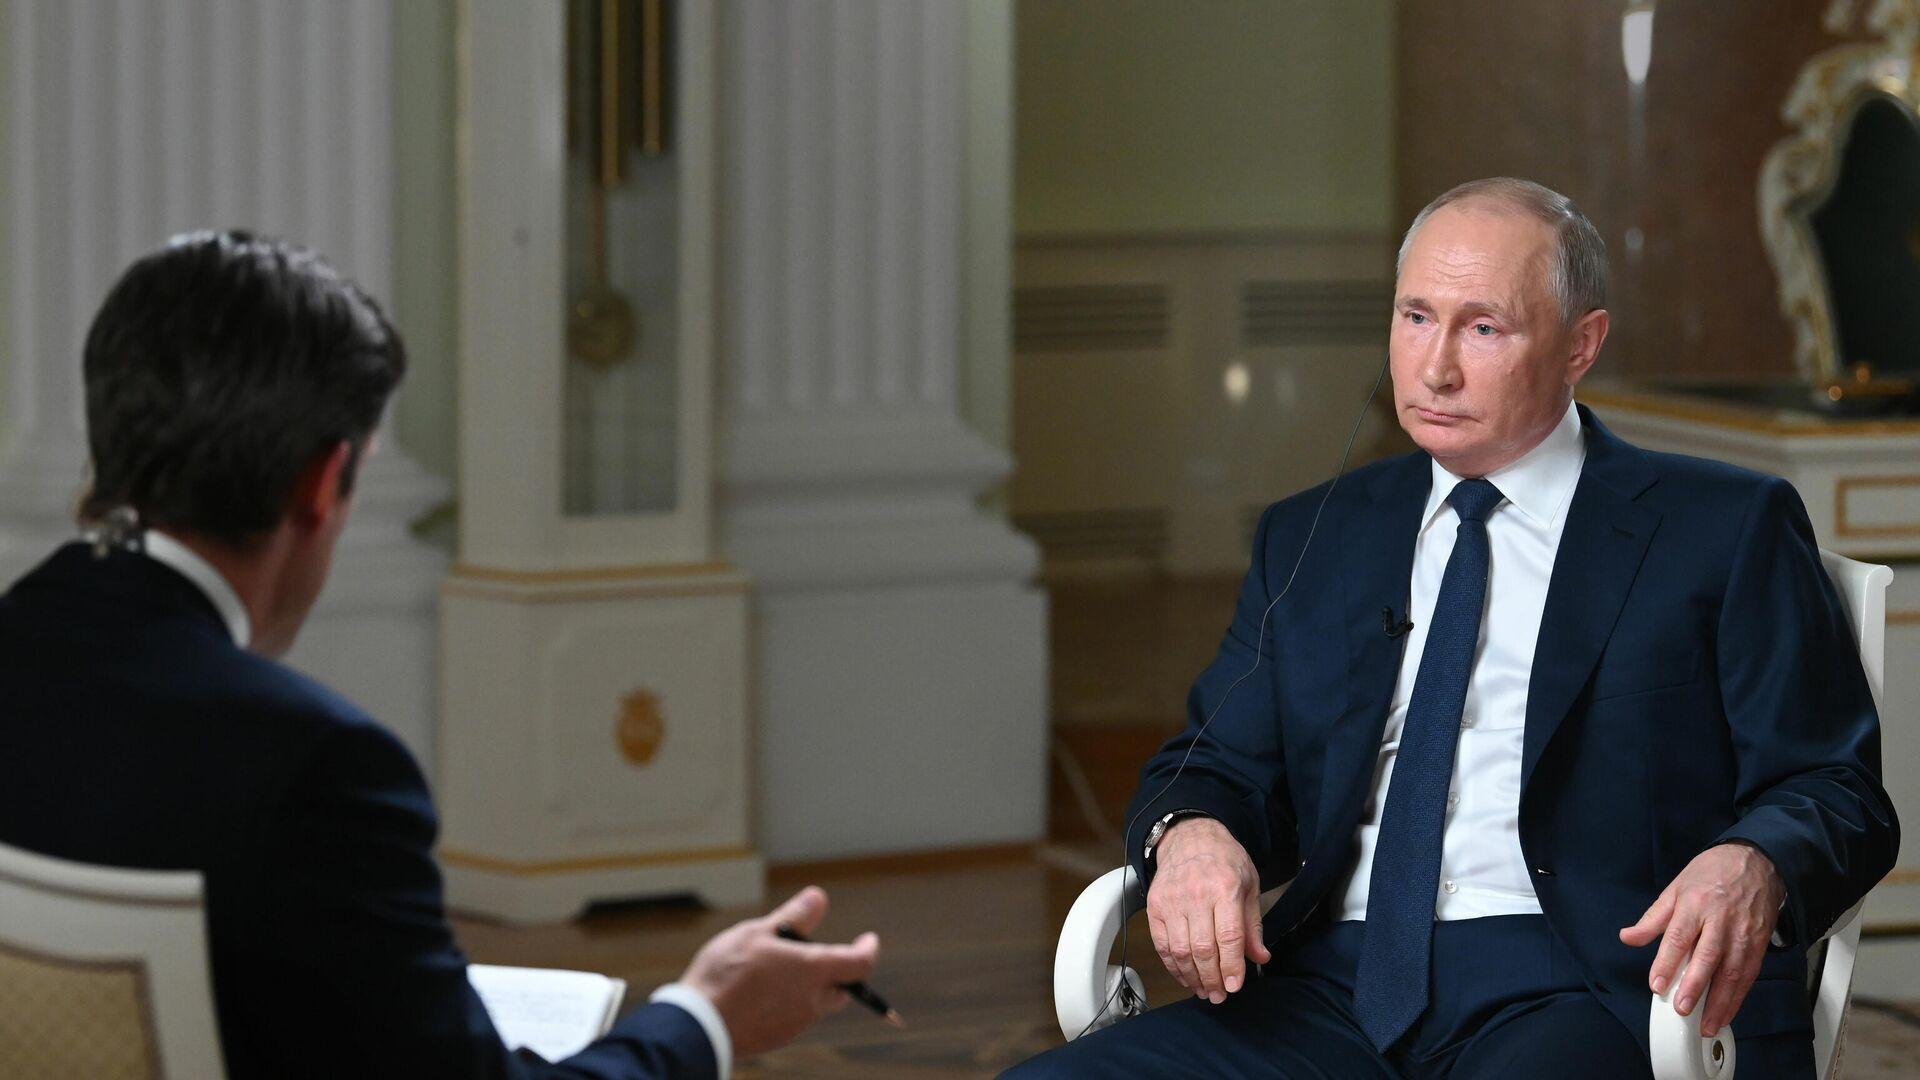 Президент РФ Владимир Путин отвечает на вопросы журналиста телекомпании NBC - РИА Новости, 1920, 15.06.2021